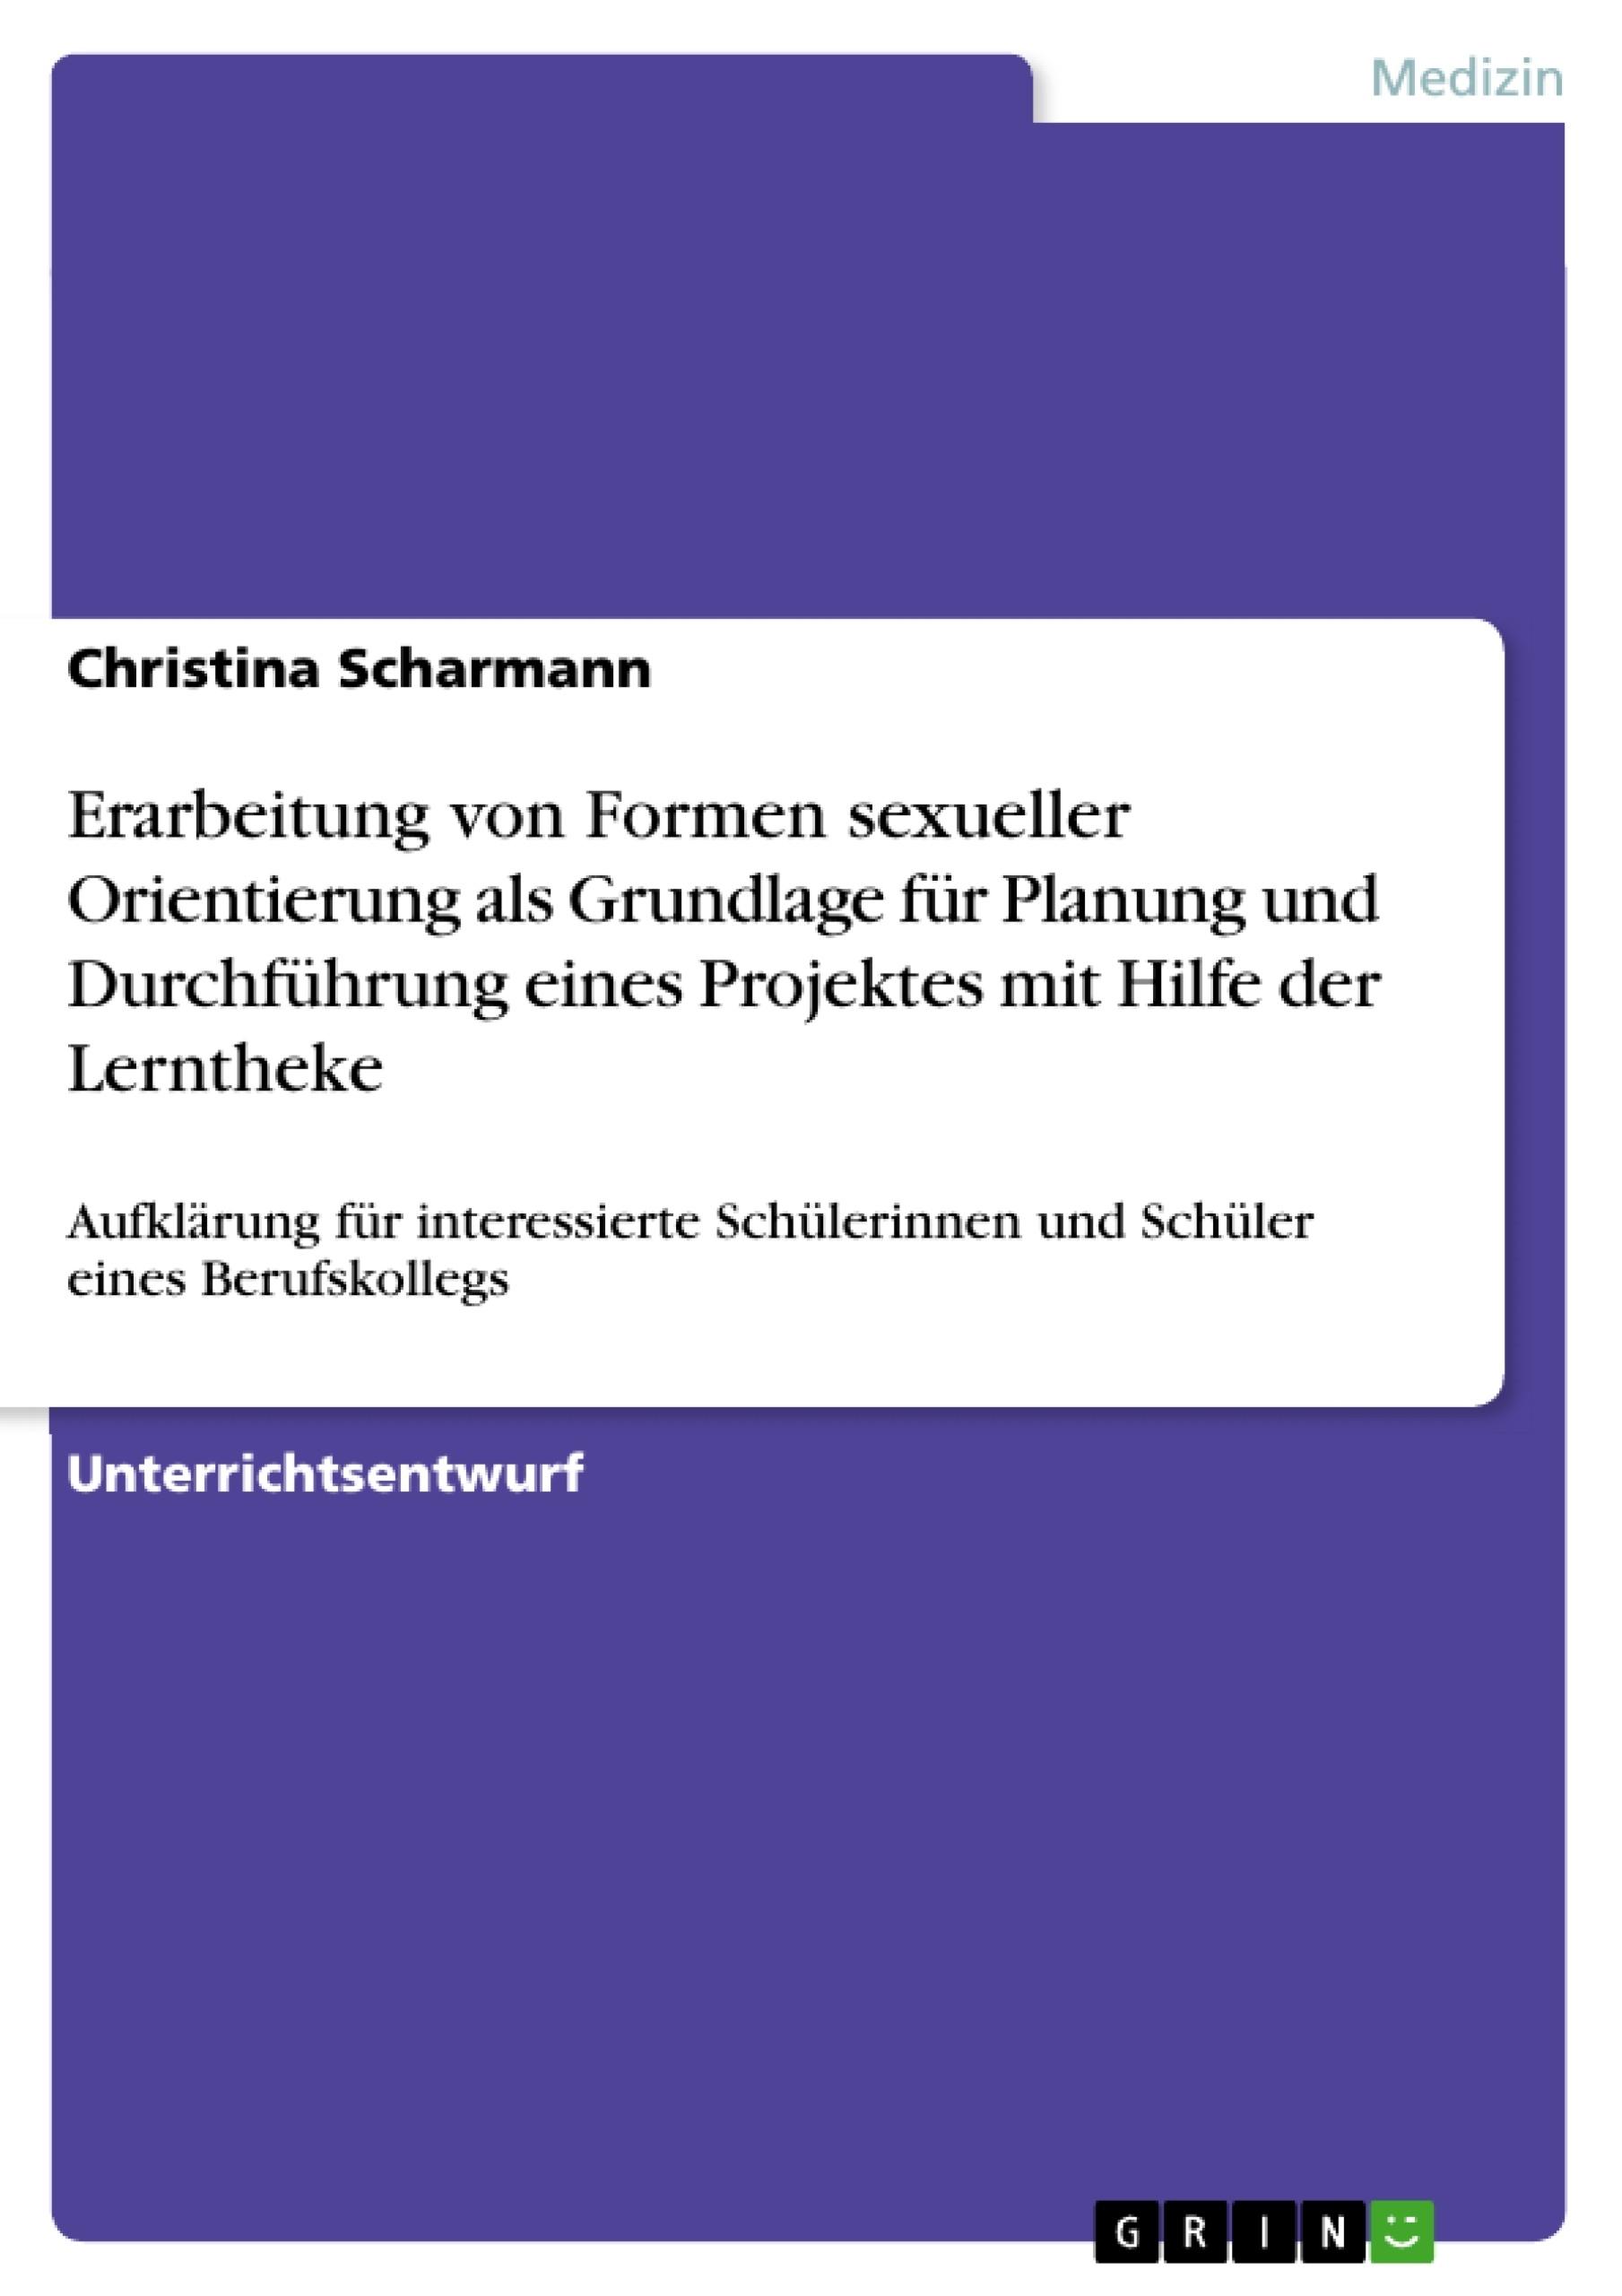 Titel: Erarbeitung von Formen sexueller Orientierung als Grundlage für Planung und Durchführung eines Projektes mit Hilfe der Lerntheke